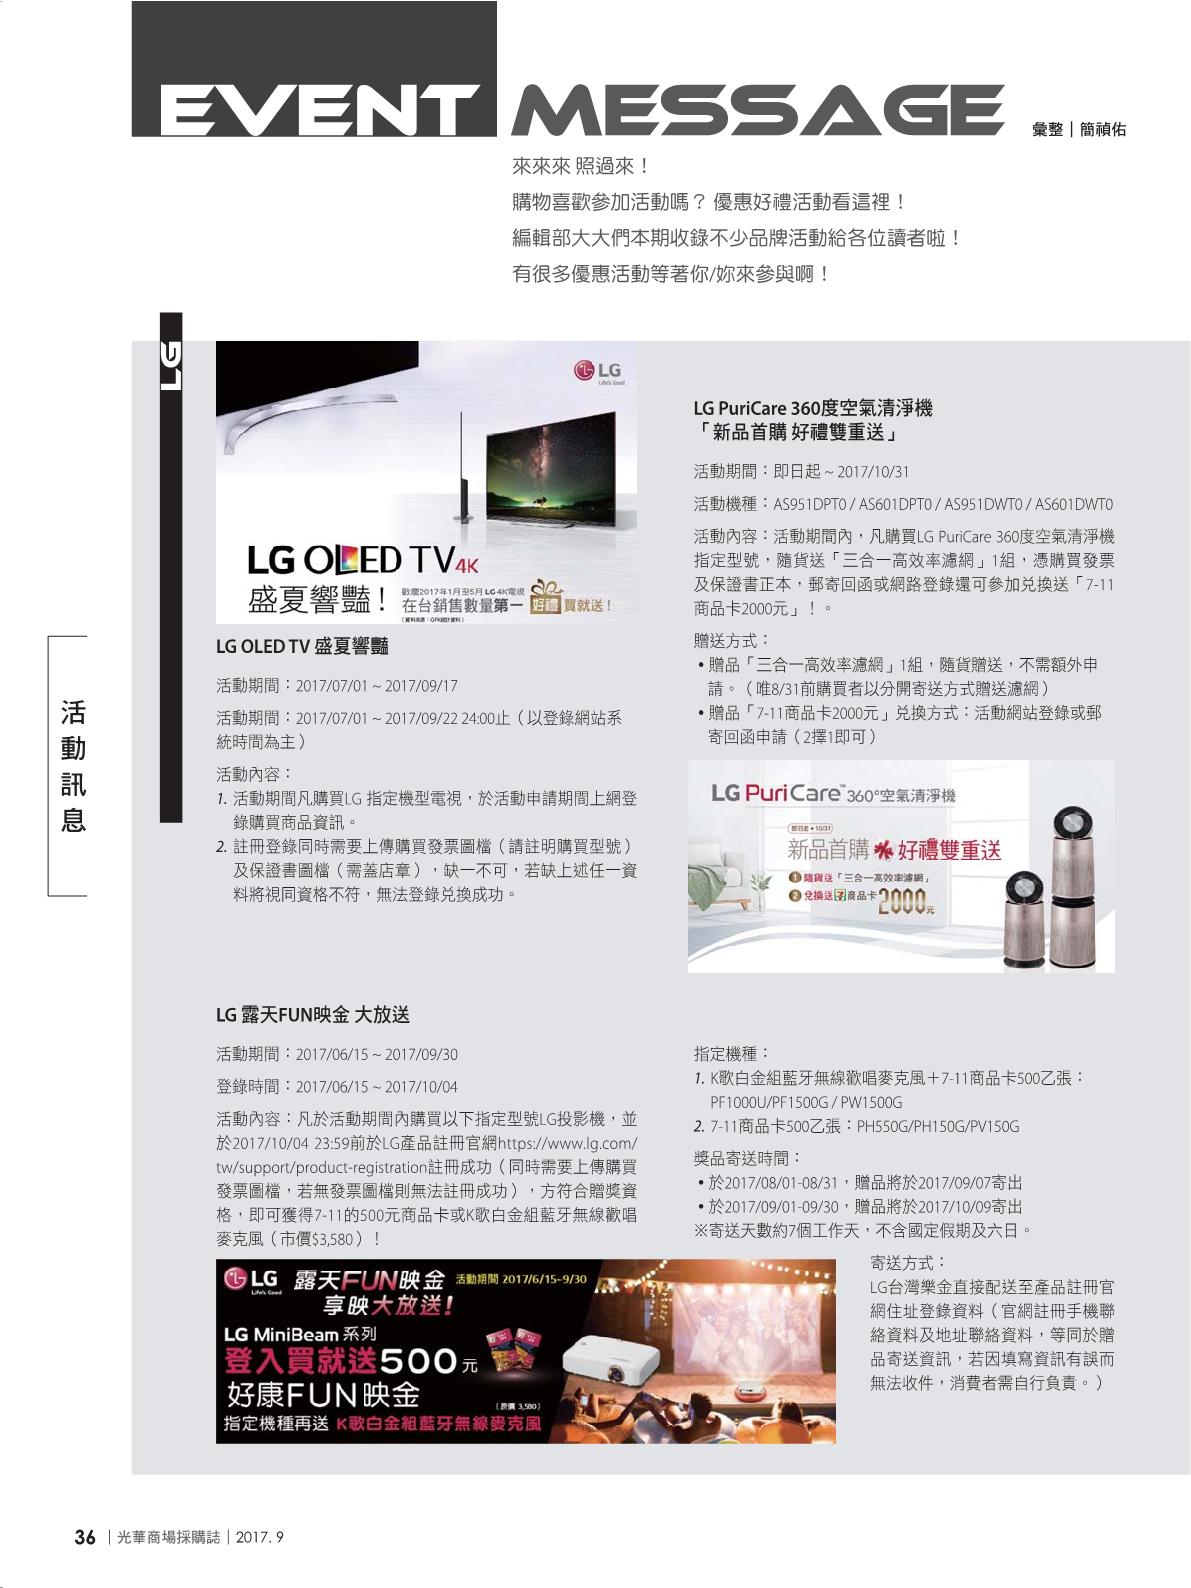 光華商場採購誌2017年9月號38.png